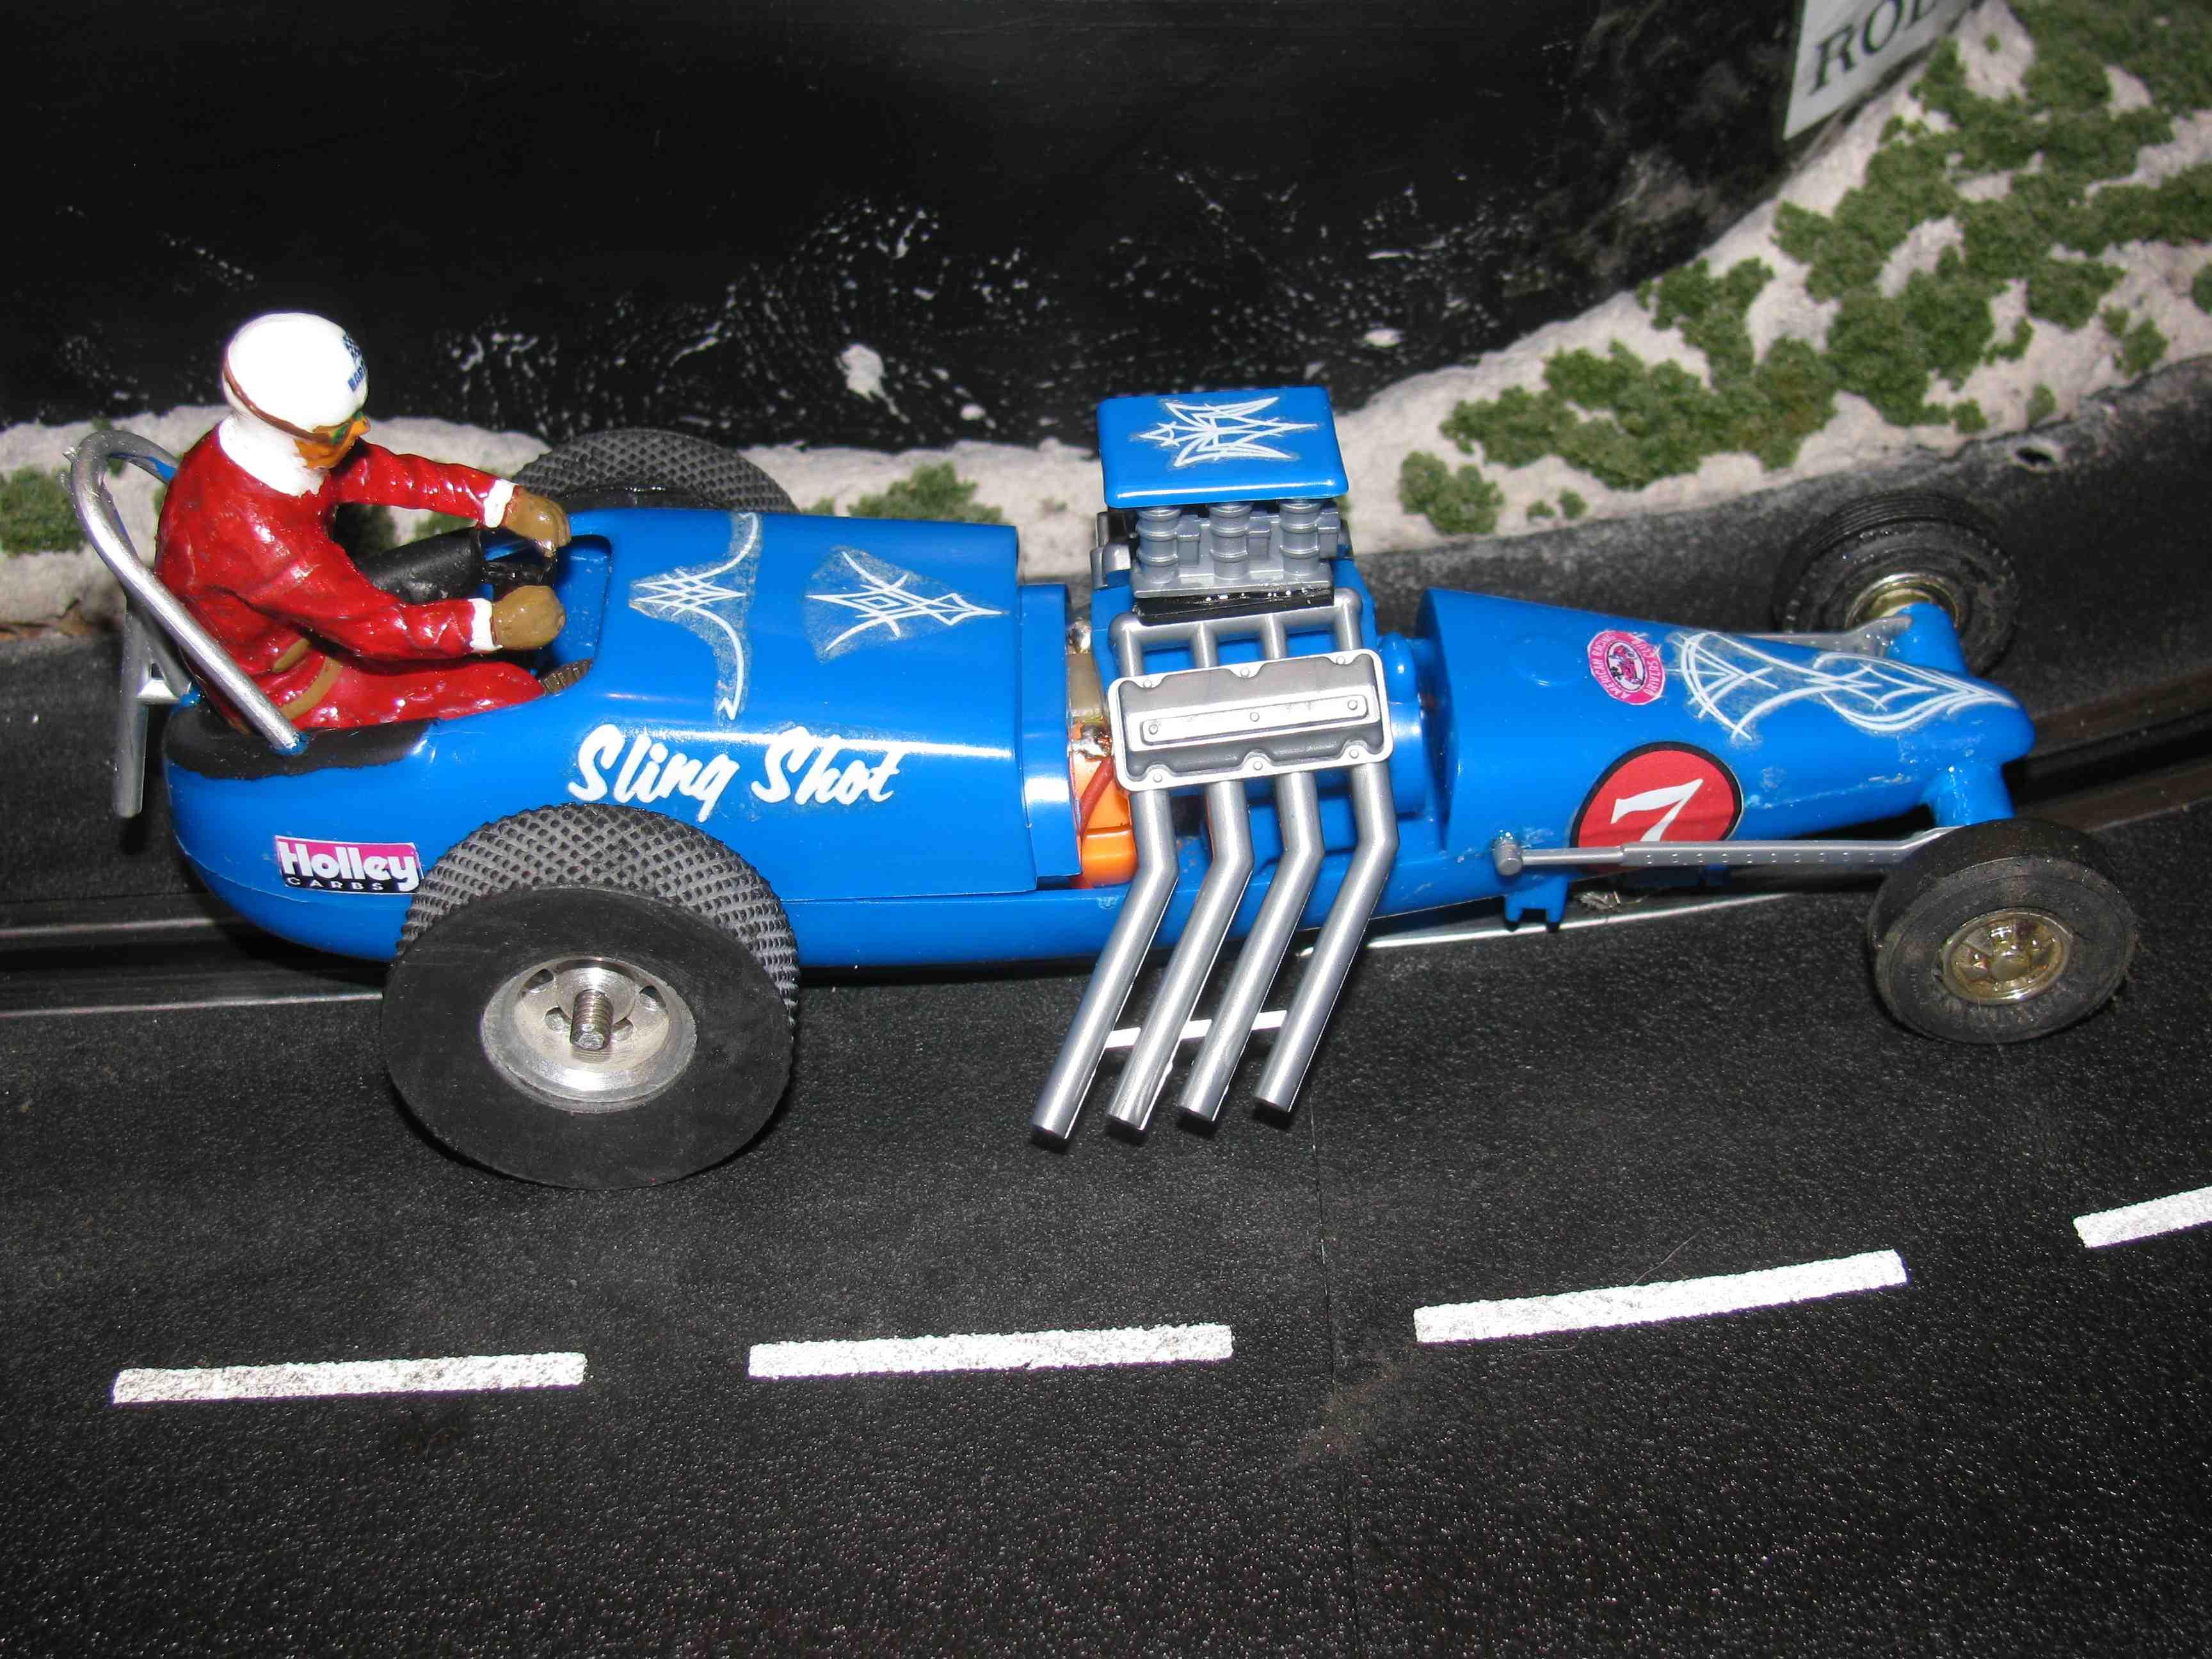 * SOLD * Vintage Revell Monogram Sling Shot Dragster Slot Car 1/32 Scale - Car #7